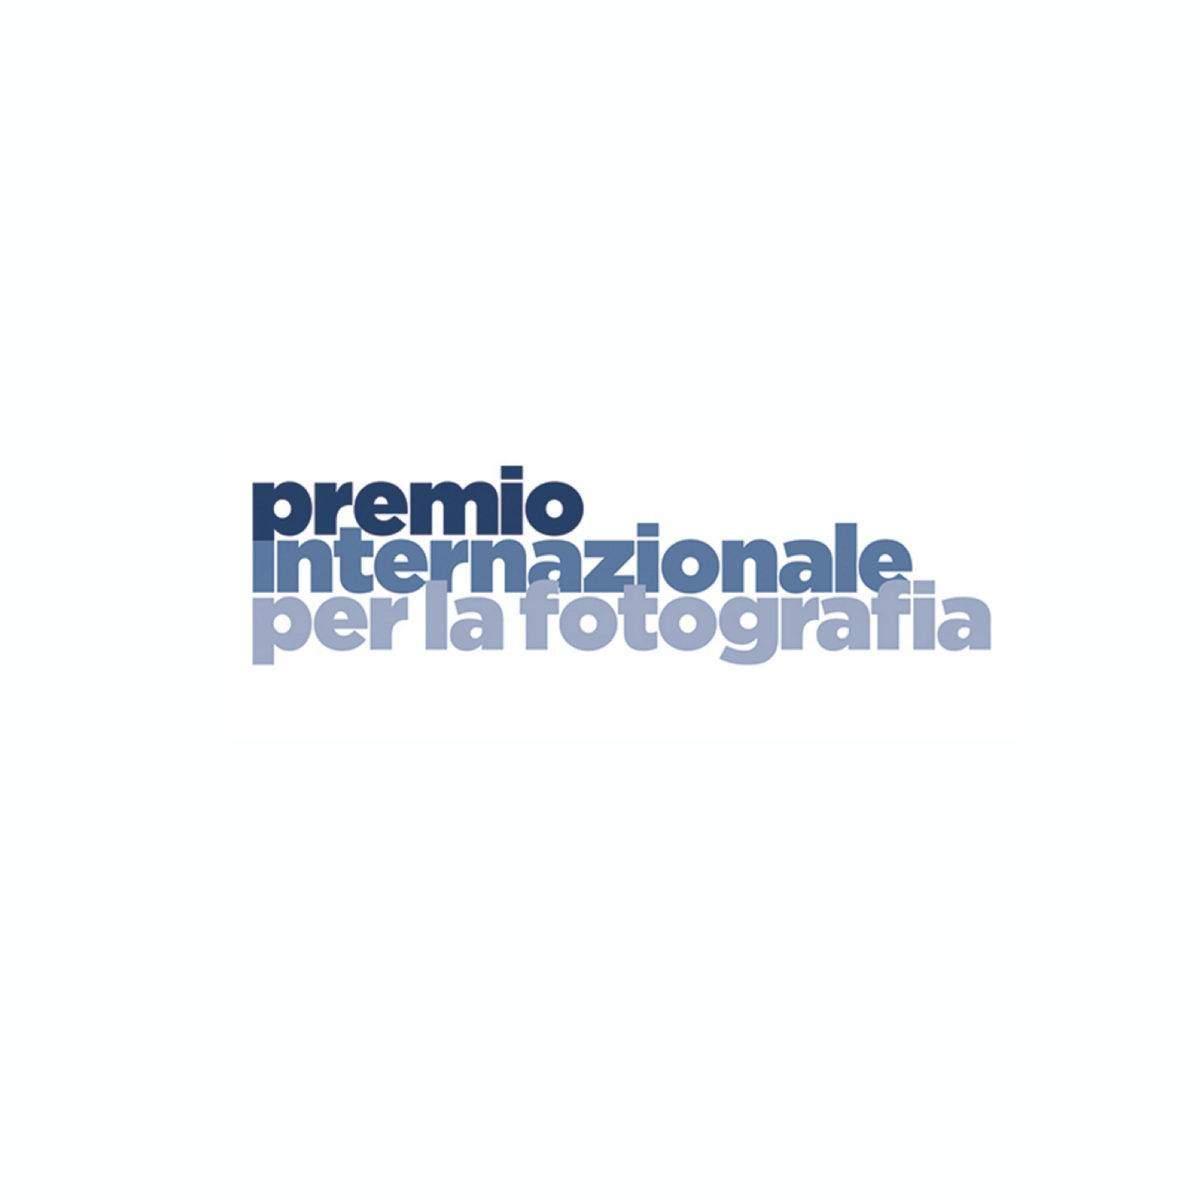 premio internazionale fotografia 2017